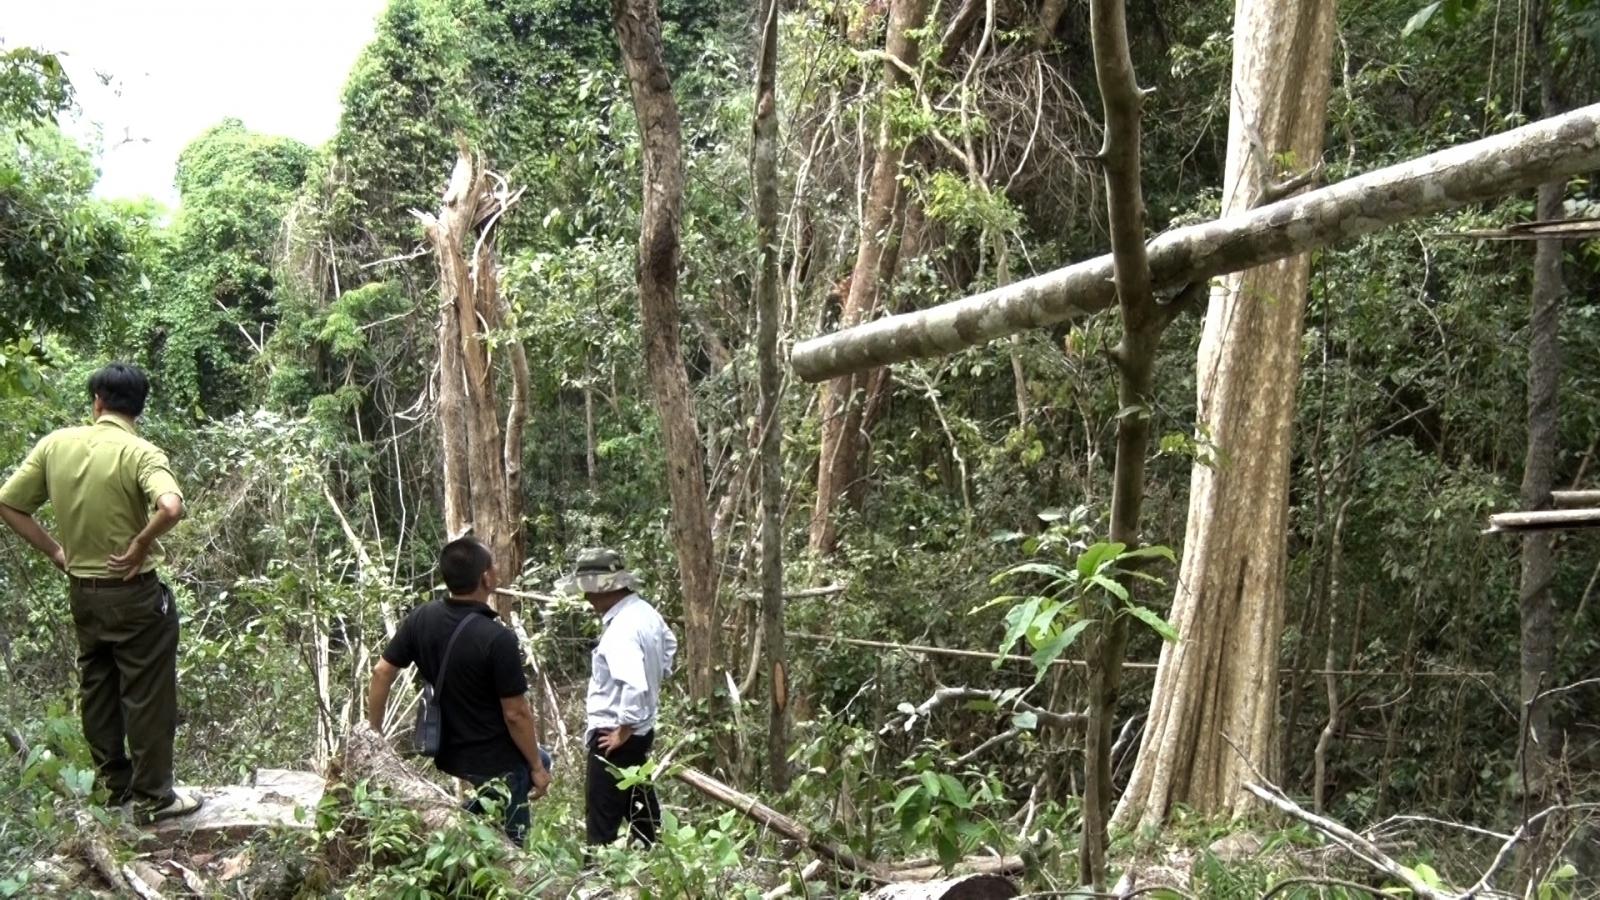 Báo động phá rừng giáp ranh ở Gia Lai: Mỗi ngày một vụ